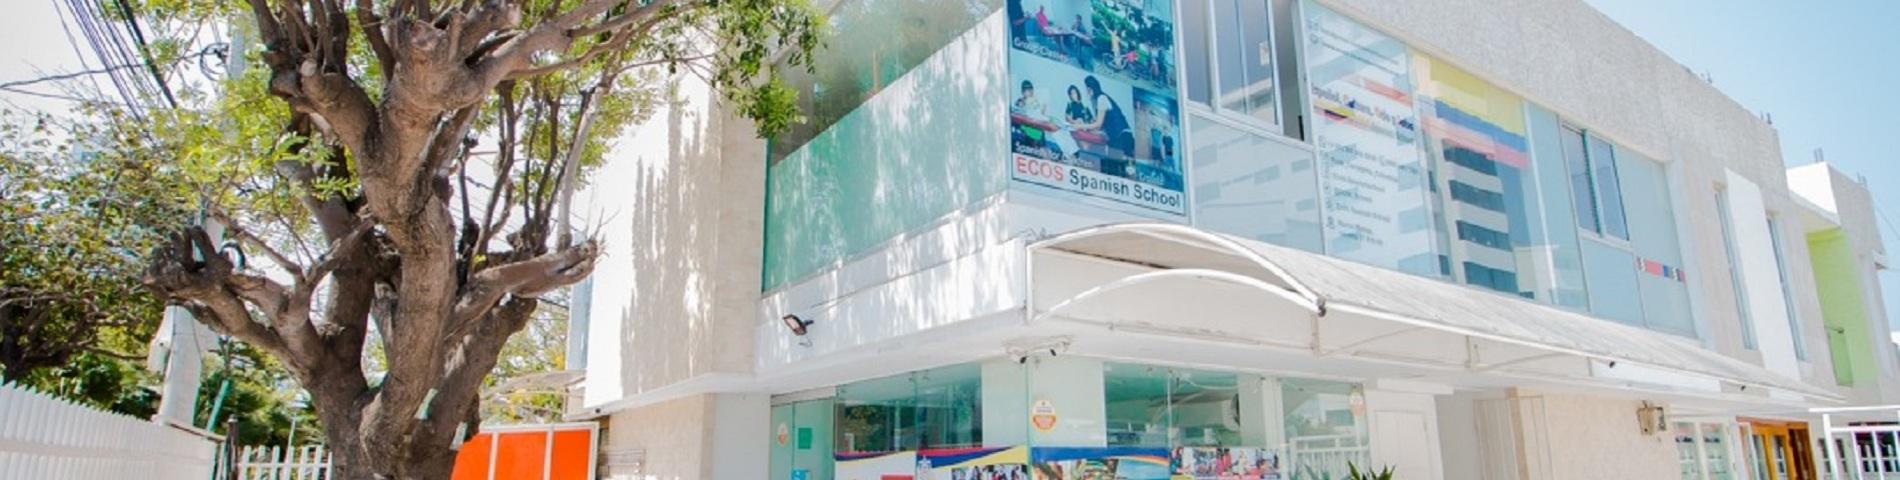 ECOS Spanish School รูปภาพ 1